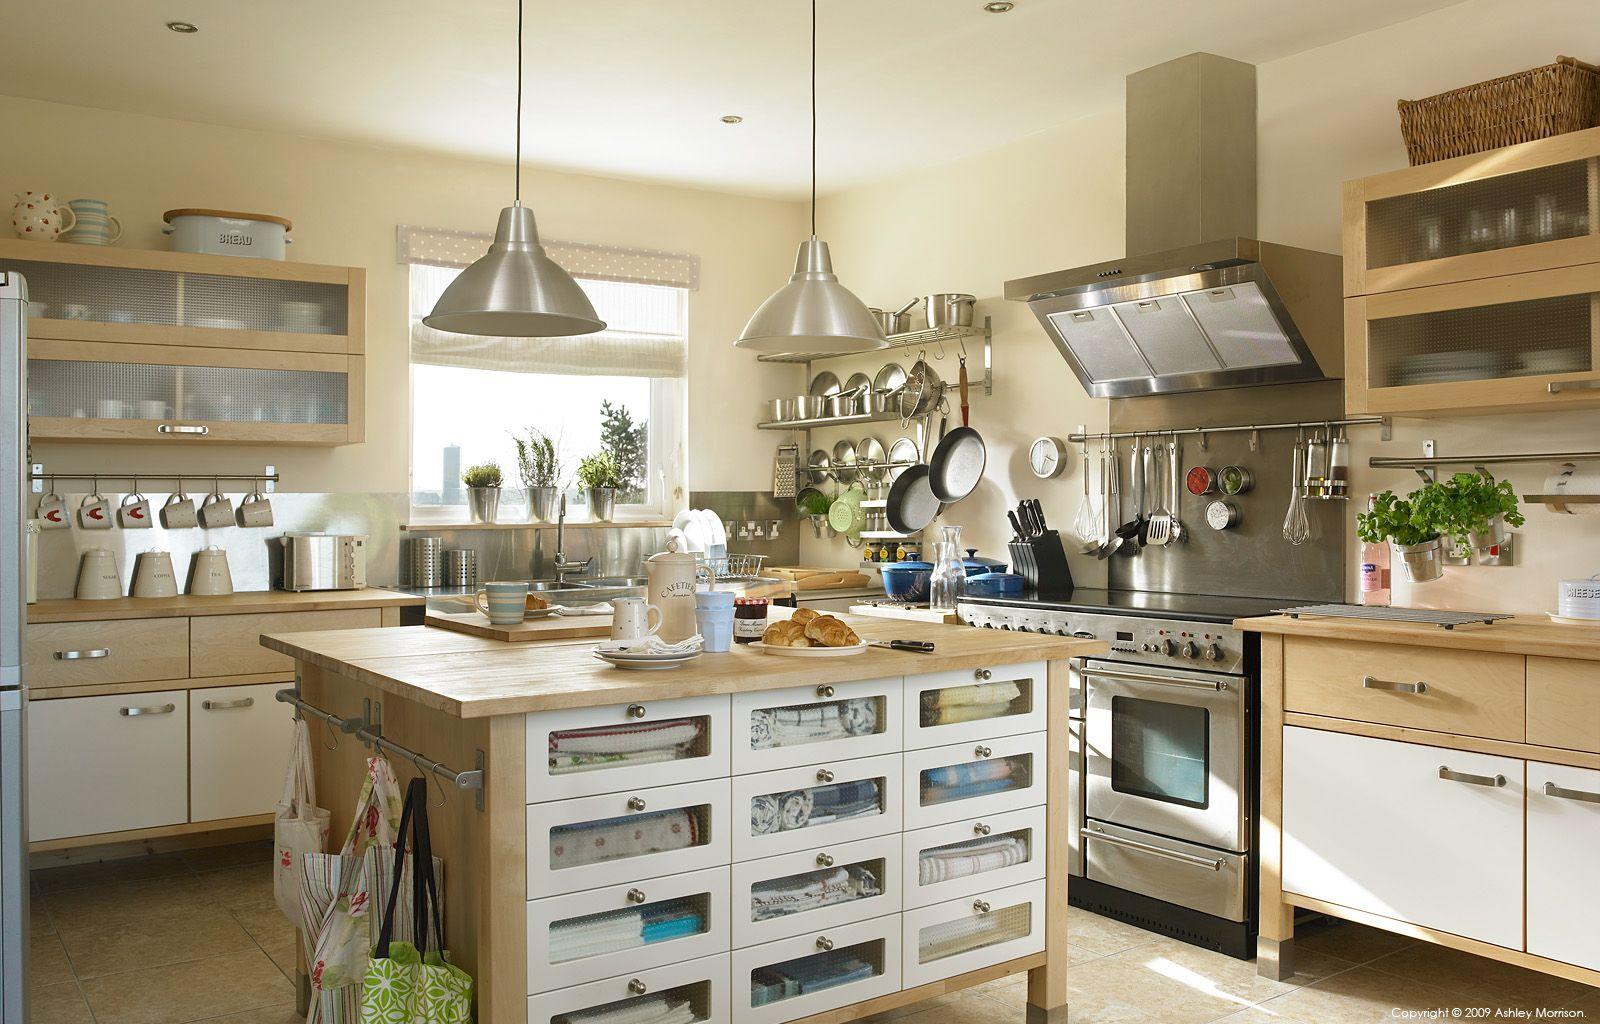 An Ikea Varde freestanding kitchen in a farmhouse outside